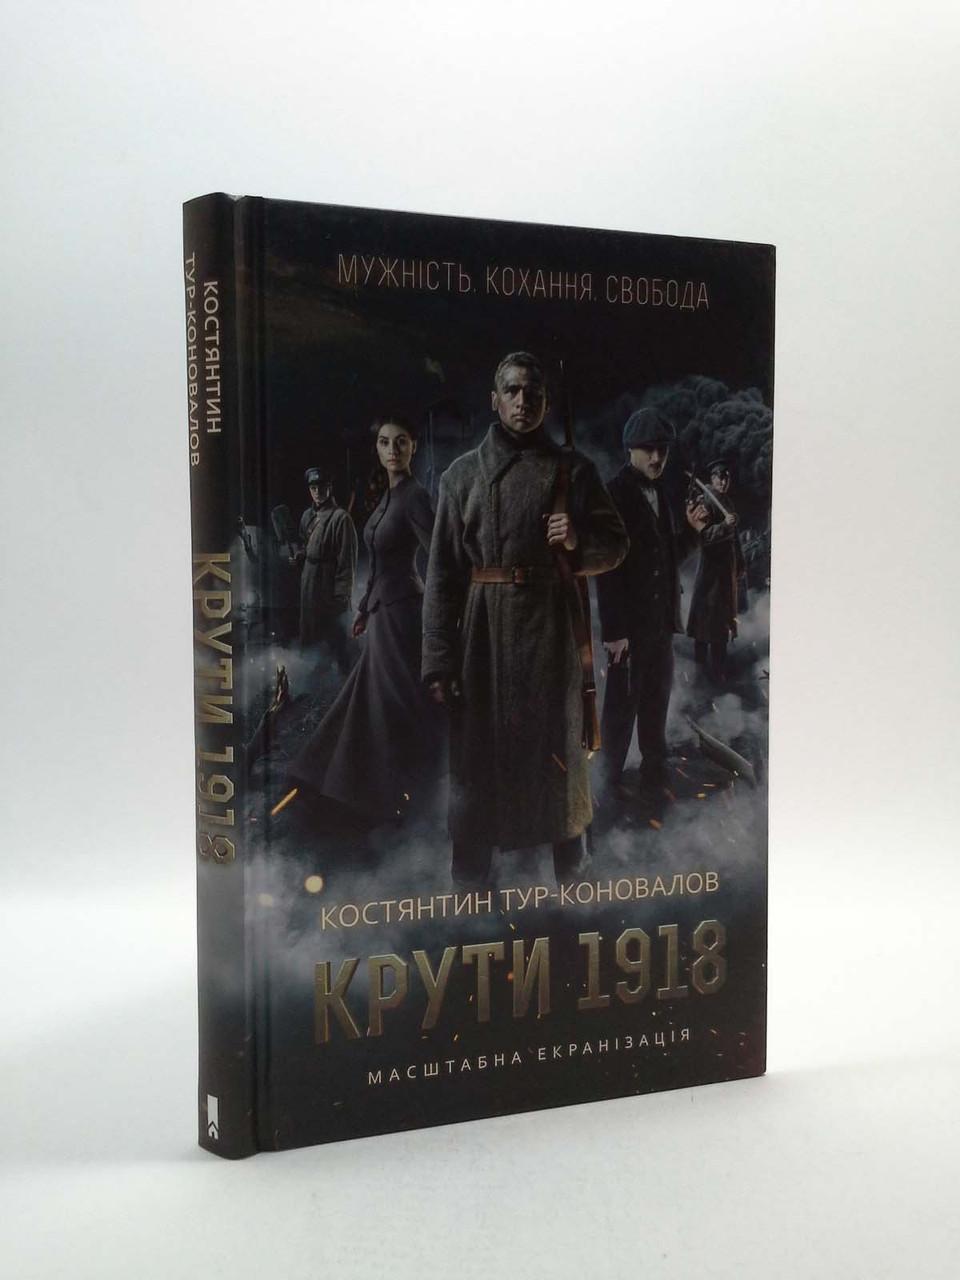 ККлуб Тур-Коновалов Крути 1918